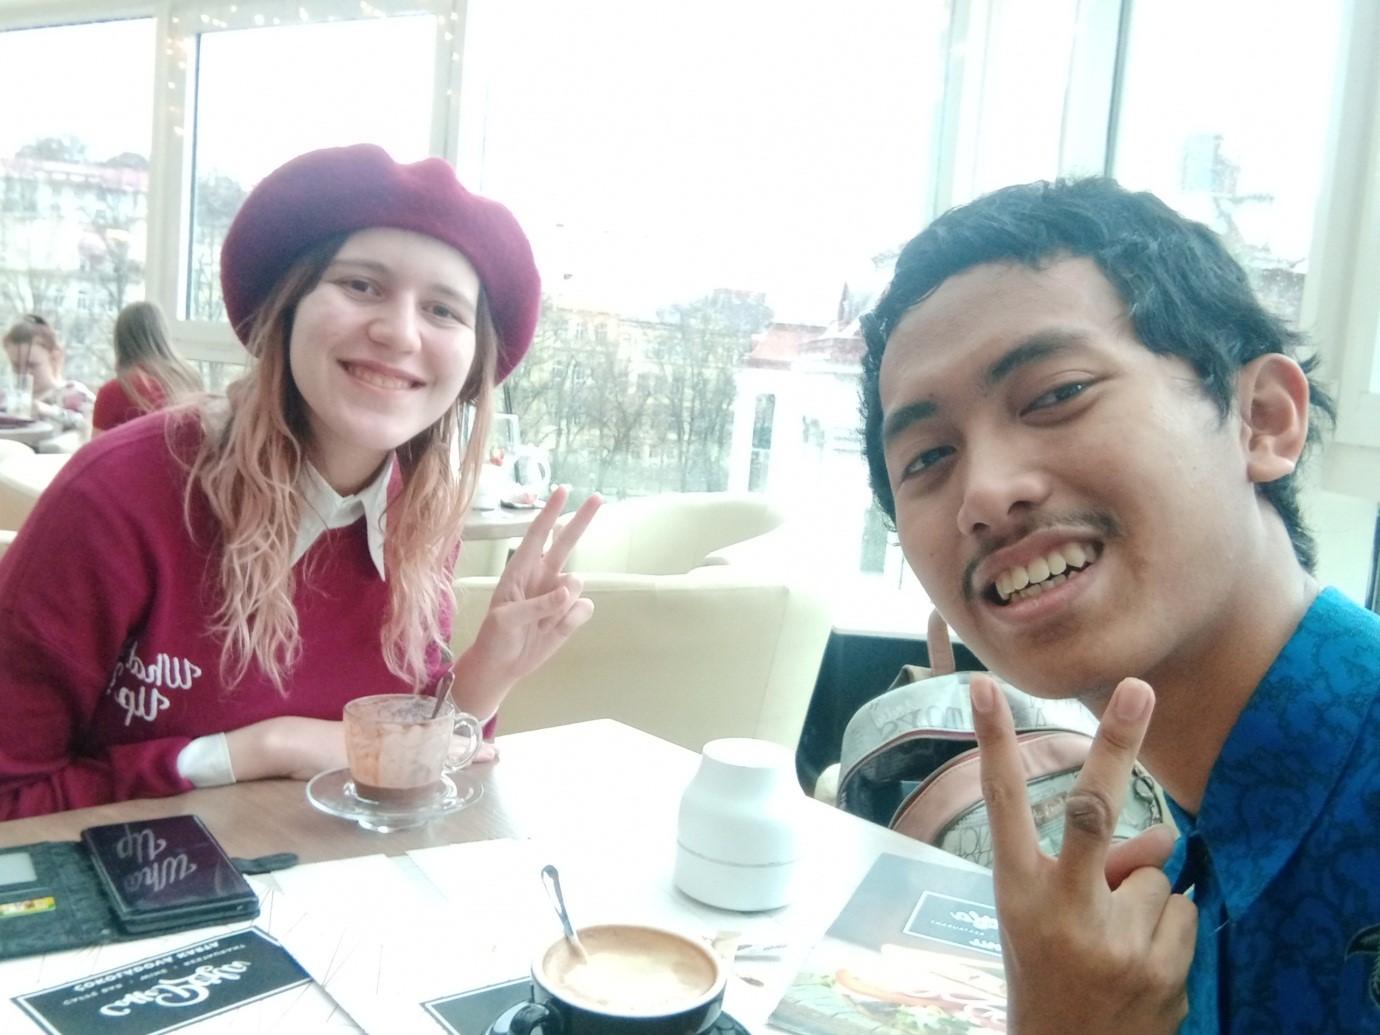 Saya bersama si gadis Serbia saat berada di kafe selepas tugas mengajar di sekolah